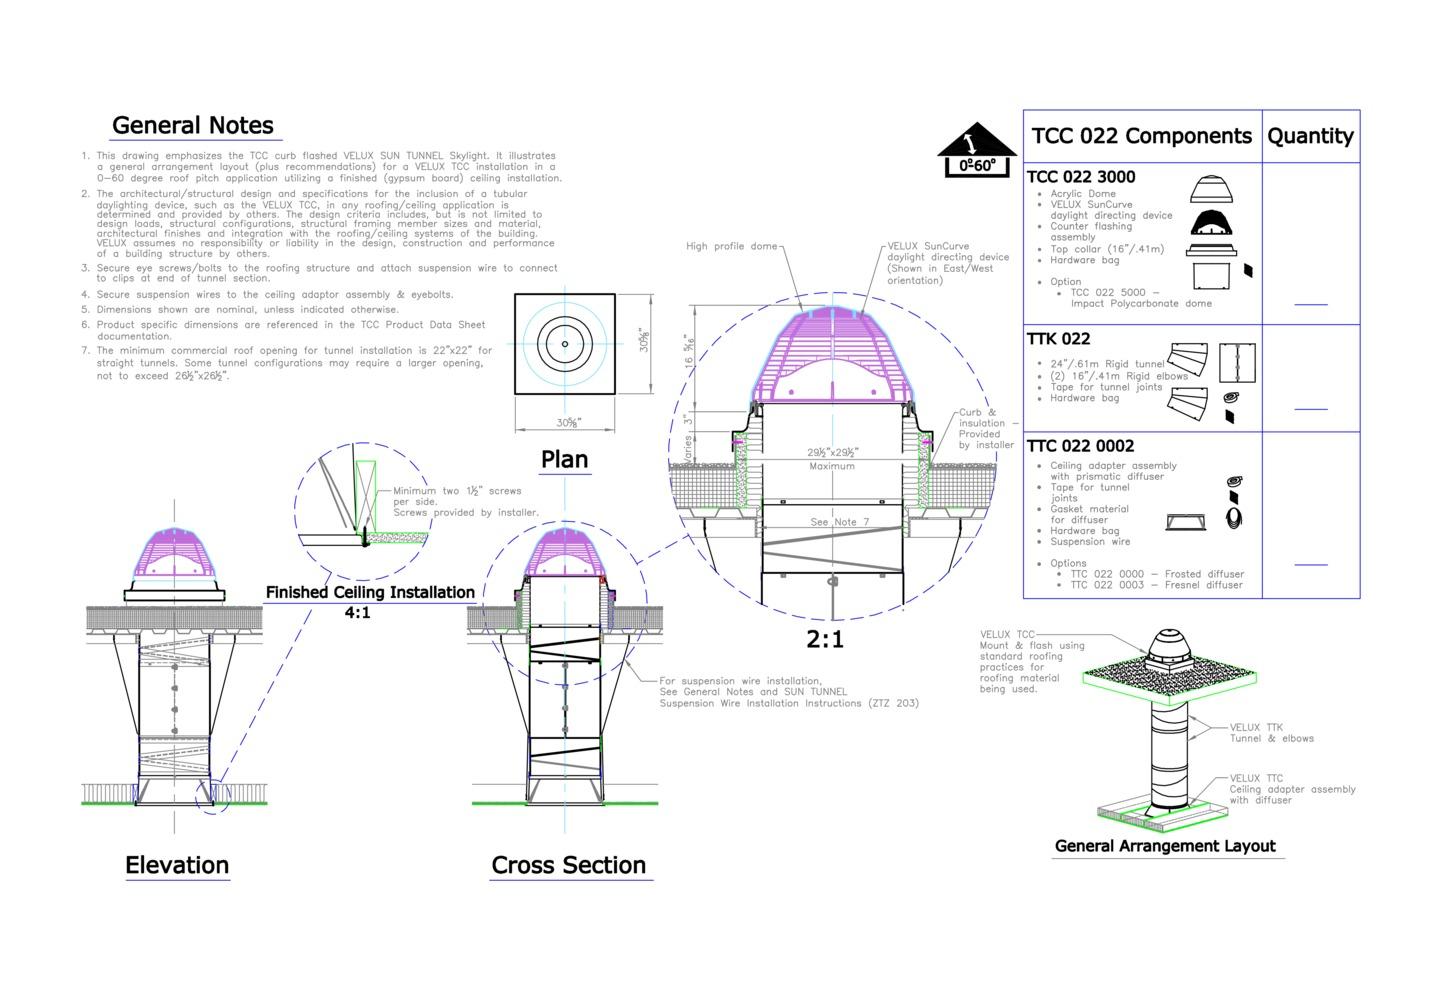 Famosos Galeria de 16 detalhes de iluminação zenital para download em .DWG - 1 DK62